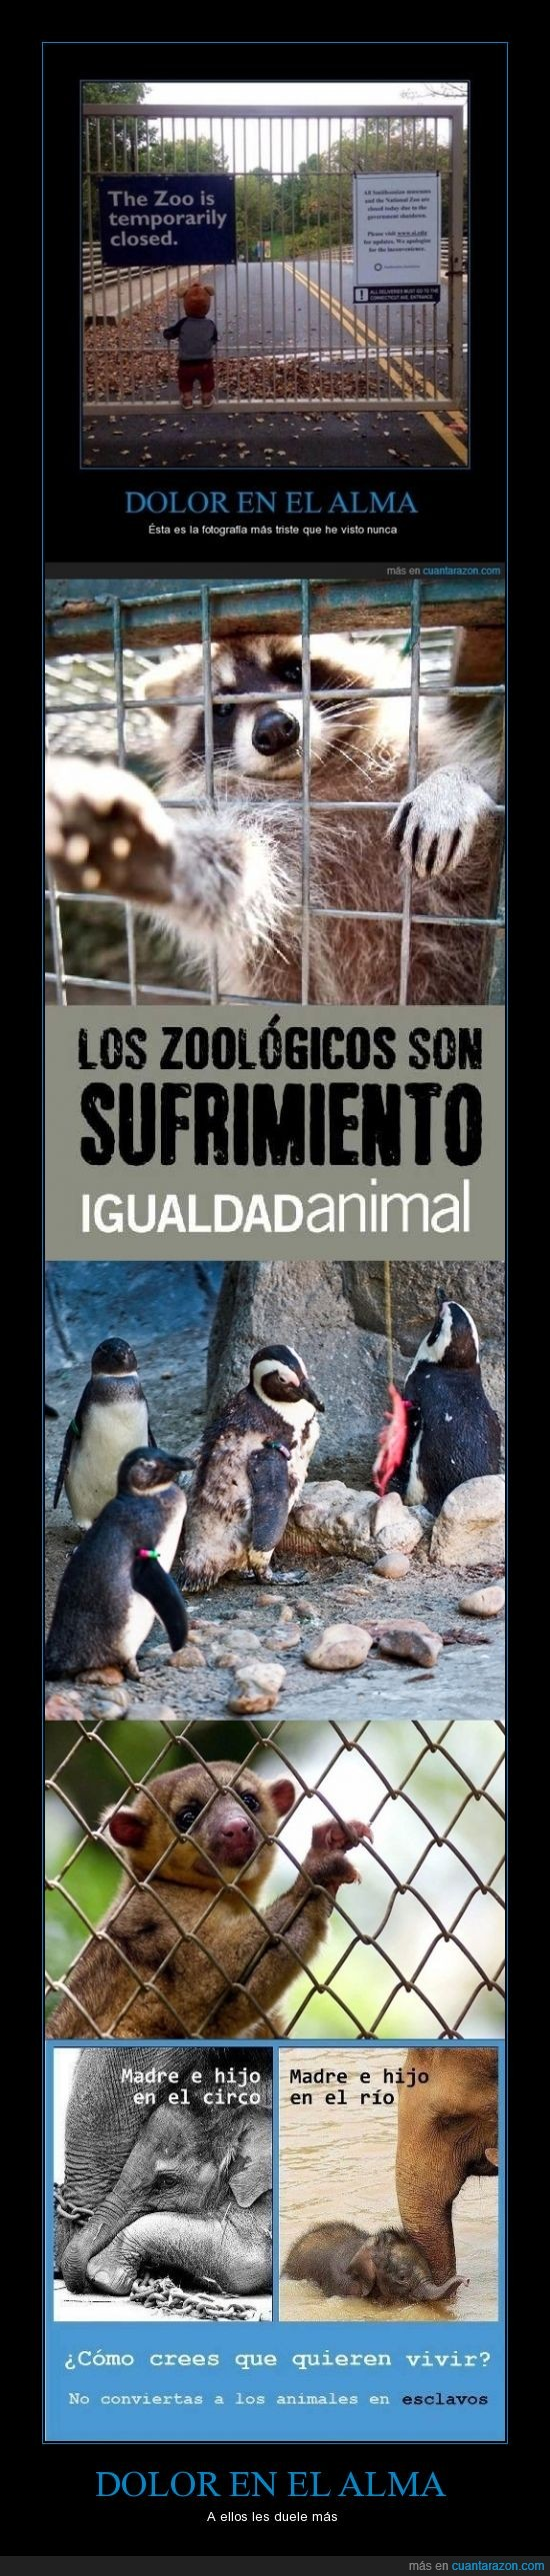 animales,elefante,sufriendo,zoologico